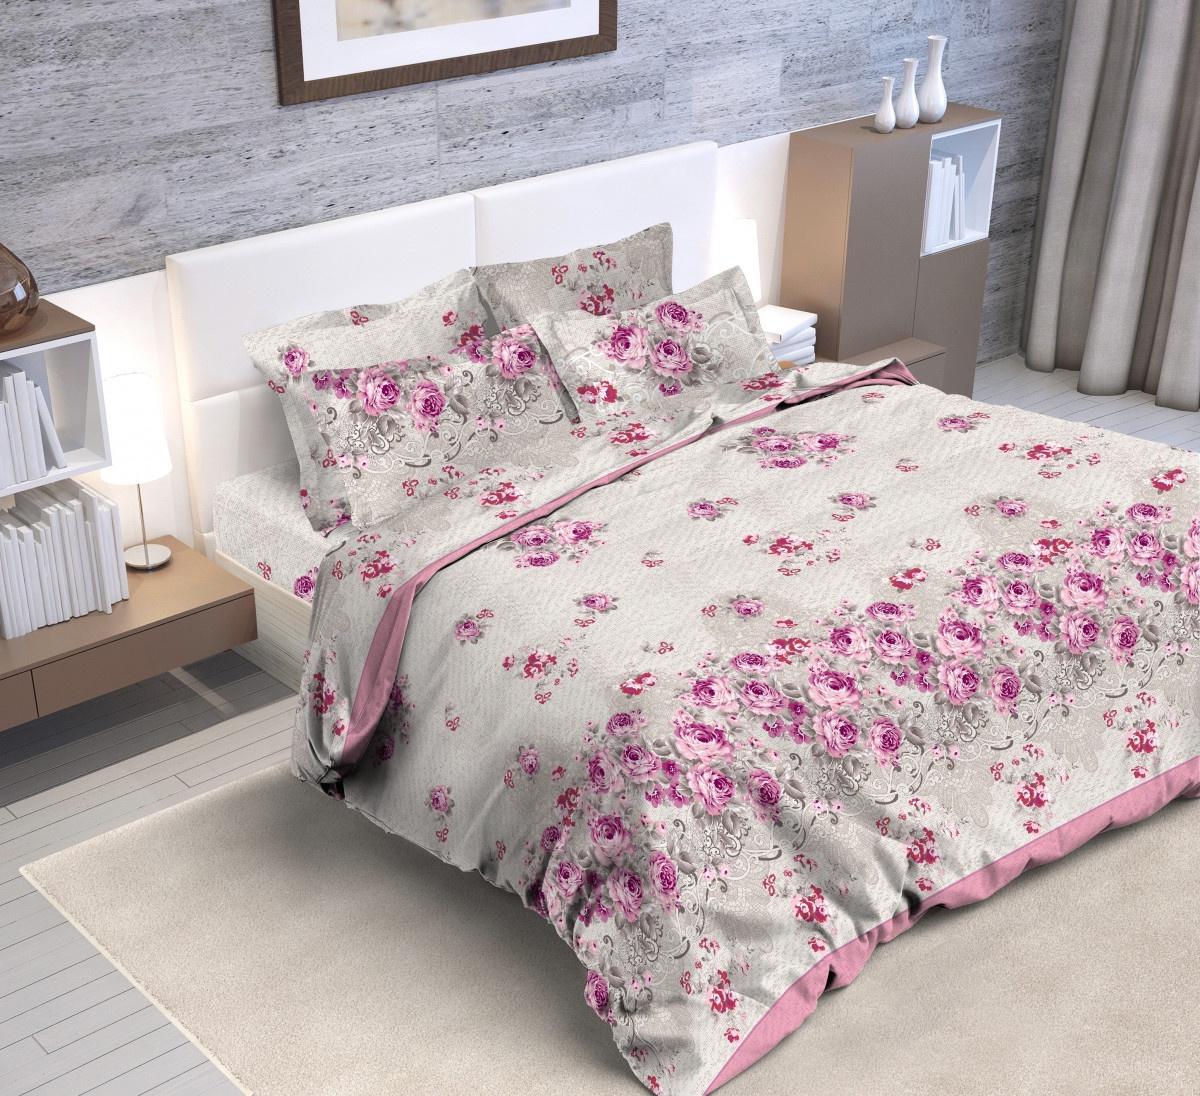 Комплект постельного белья BUTTERFLY Поплин (ПК4) рис.7845/2, 2-спальный с европростыней